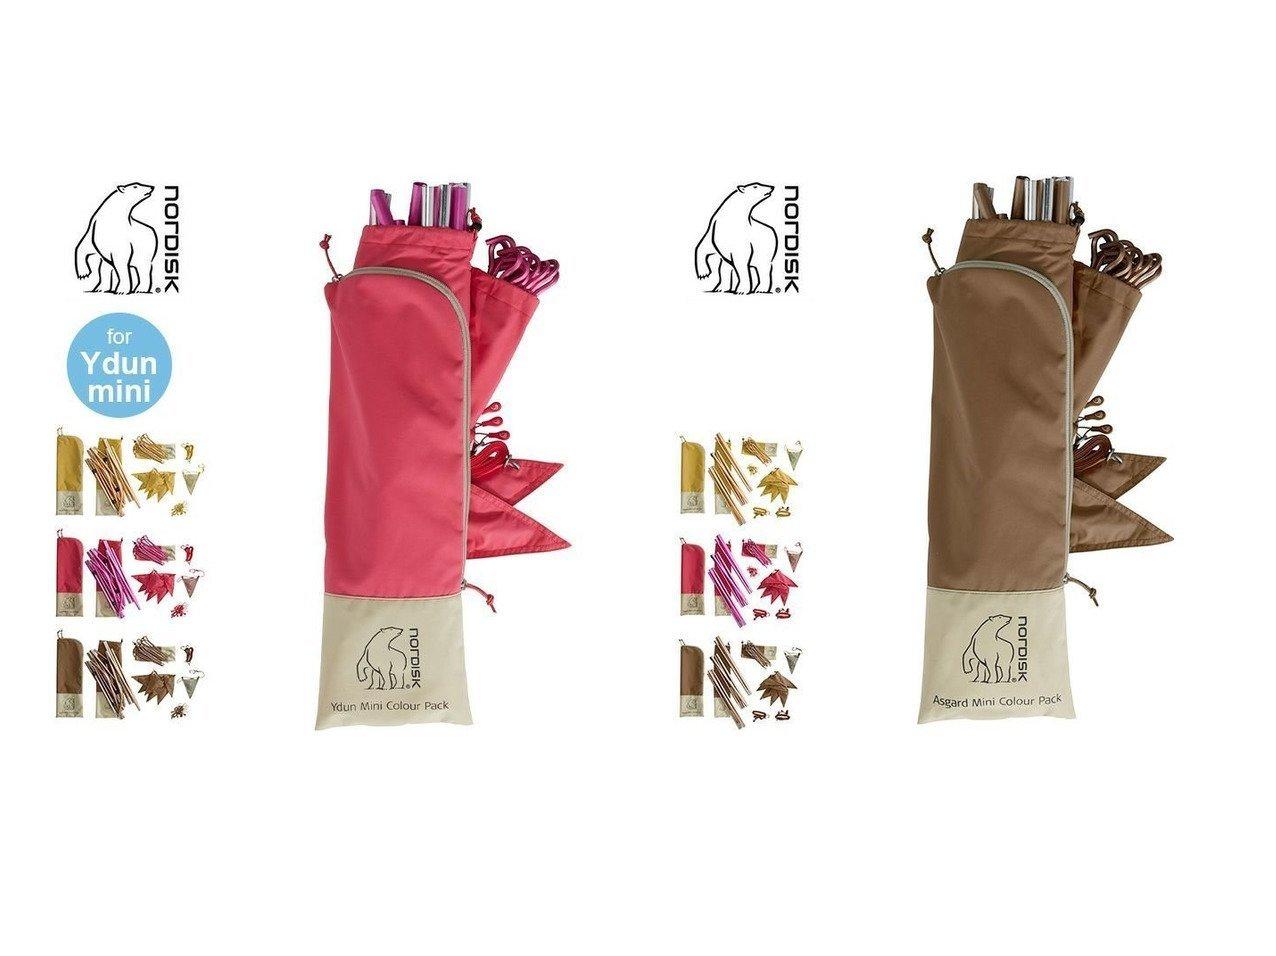 【Nordisk/ノルディスク】のアスガルドミニカラーパック&ユドゥンミニカラーパック おすすめ!人気キャンプ・アウトドア用品の通販 おすすめで人気の流行・トレンド、ファッションの通販商品 メンズファッション・キッズファッション・インテリア・家具・レディースファッション・服の通販 founy(ファニー) https://founy.com/ イエロー チェリー ホーム・キャンプ・アウトドア Home,Garden,Outdoor,Camping Gear キャンプ用品・アウトドア  Camping Gear & Outdoor Supplies その他 雑貨 小物 Camping Tools |ID:crp329100000037415